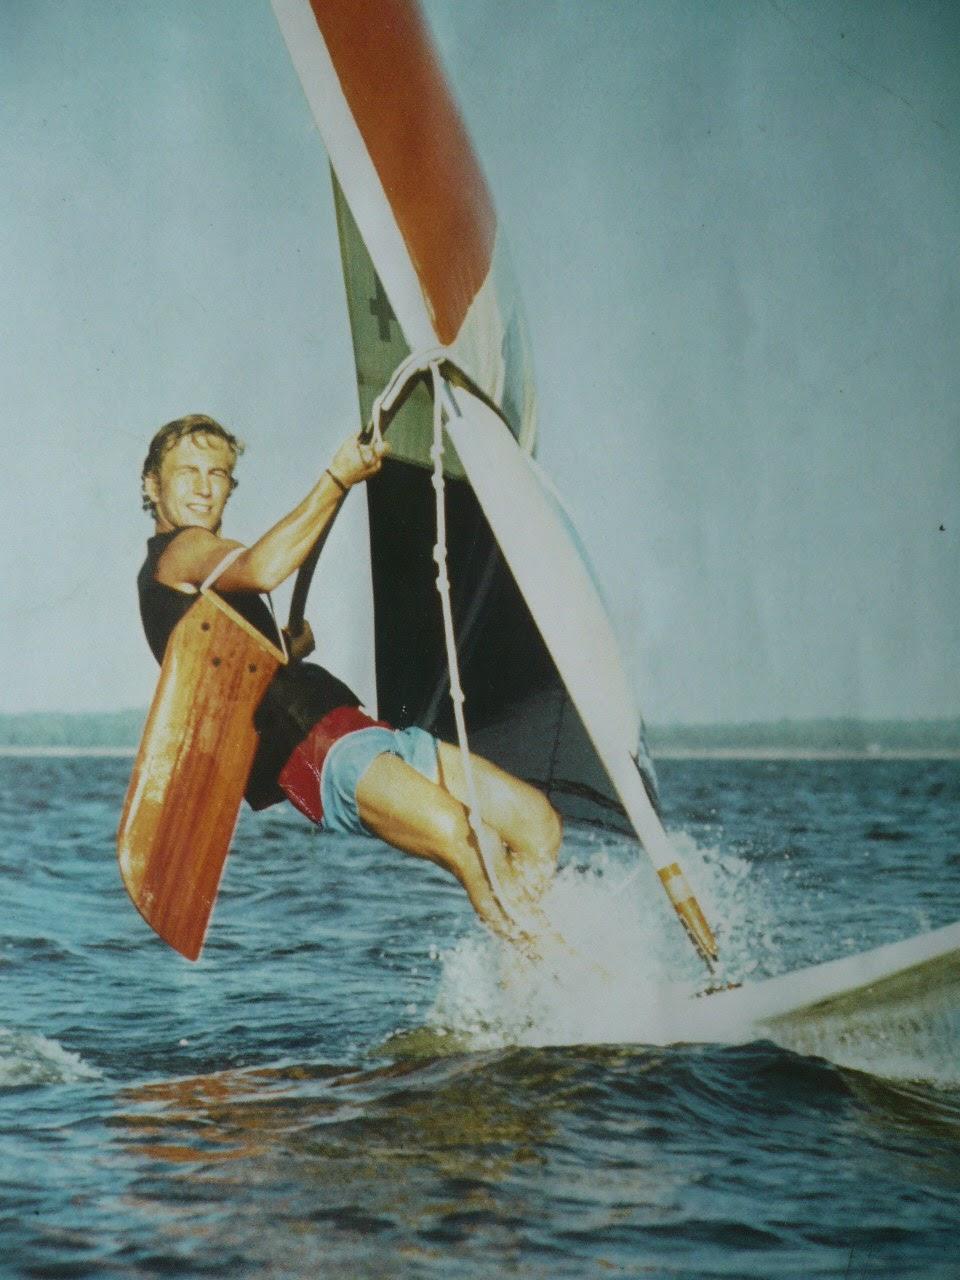 Pierre-Yves Gires pionnier et boss de la planche à voile en Europe